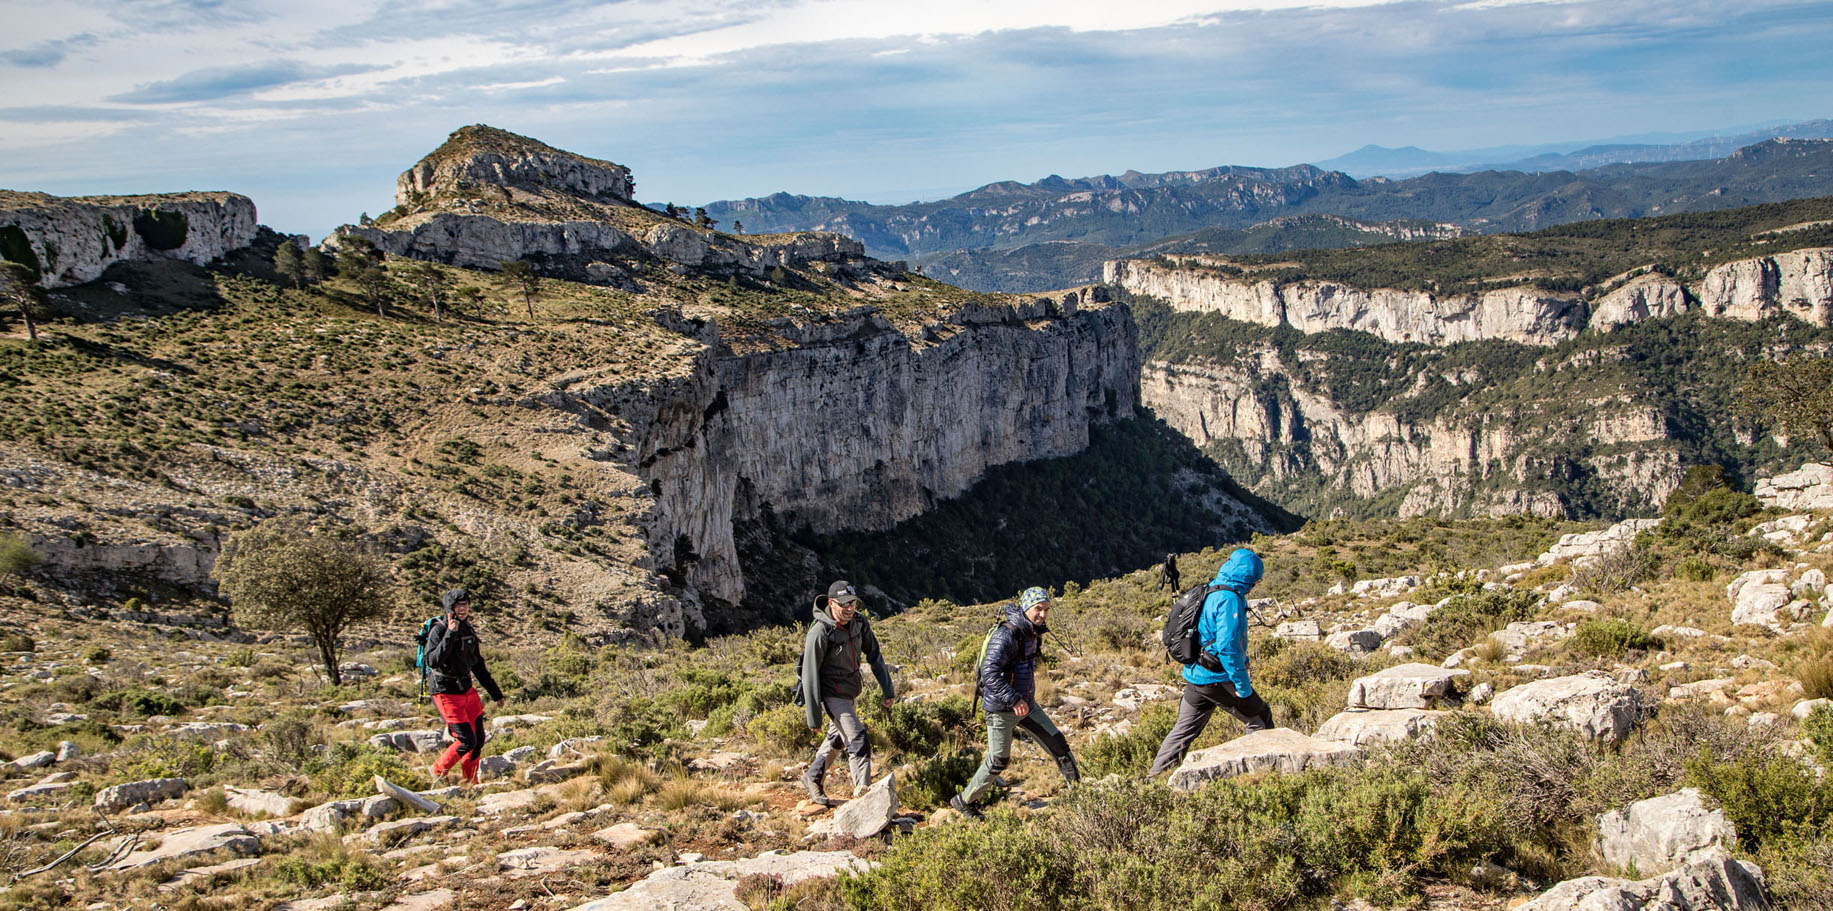 Les muntanyes de Llaberia són l'escenari de la 2a Marxa de Colldejou